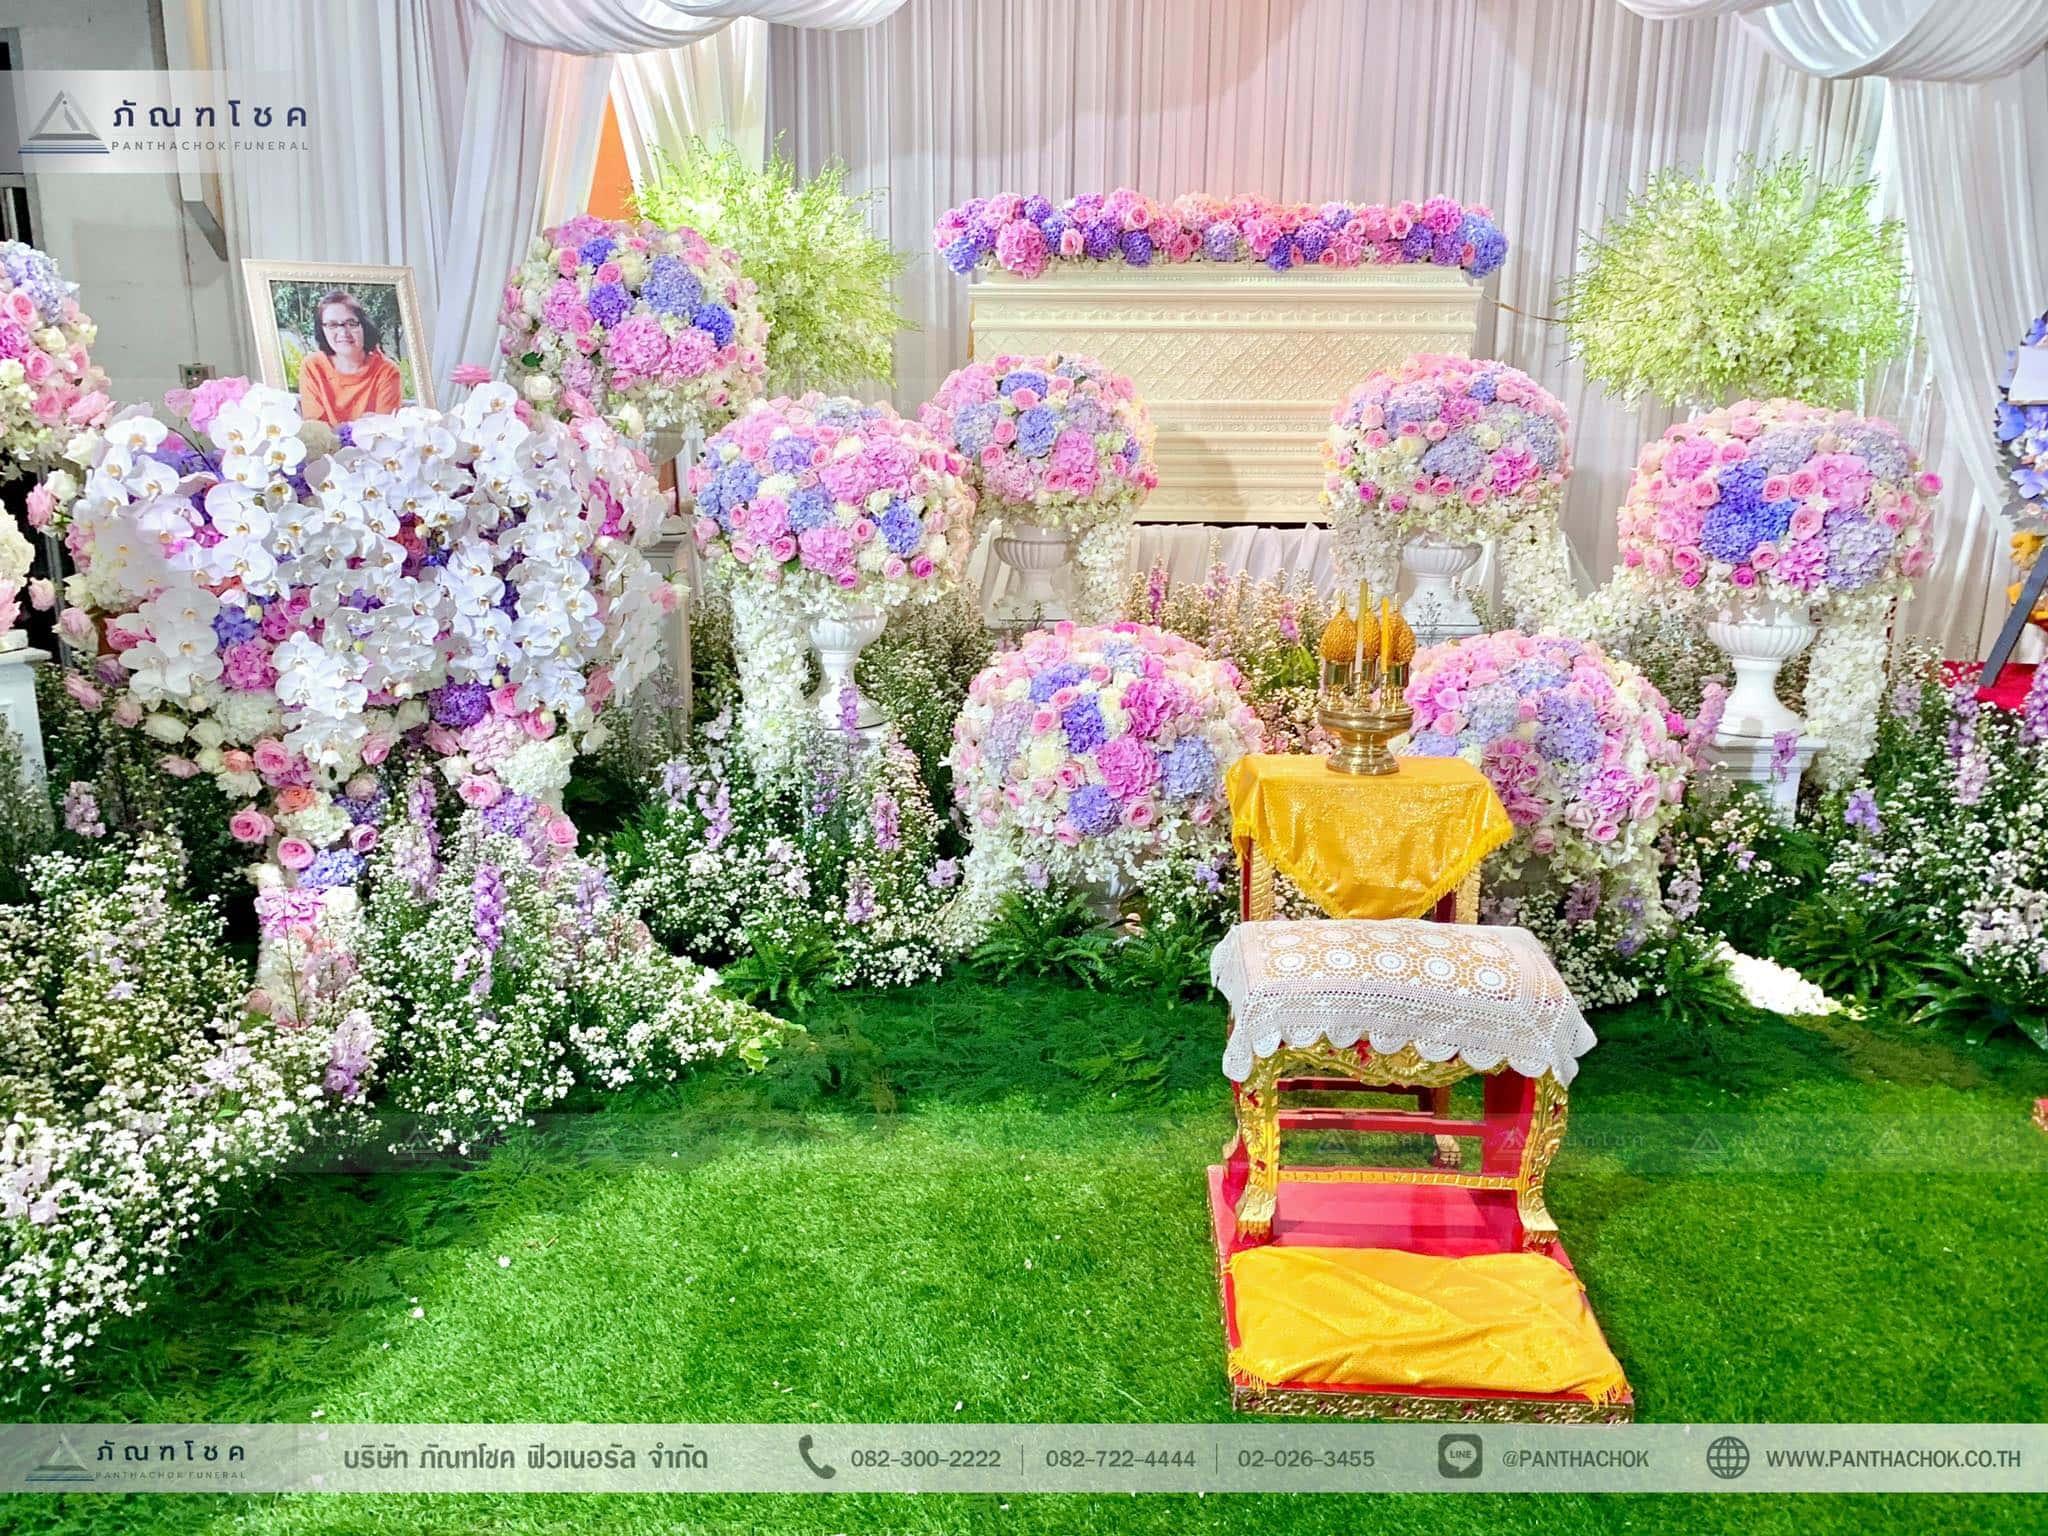 ชุดดอกไม้ประดับหน้าหีบ สไตล์ผู้ดีอังกฤษจิบชายามบ่าย (งานศพคุณแม่ของคุณอ๊อฟ ปองศักดิ์) 15